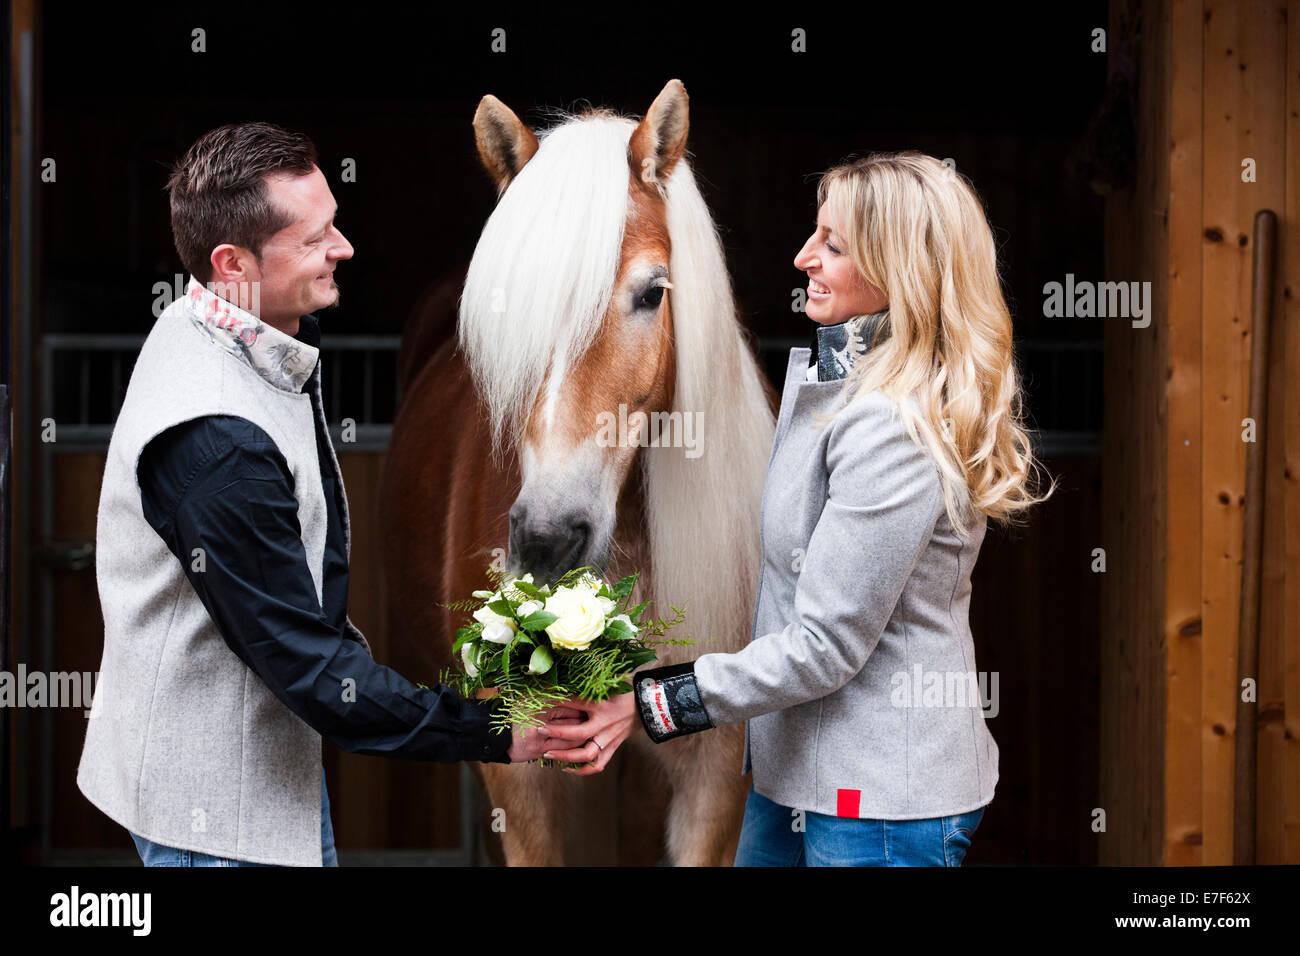 Mann, eine Frau Blumen, Tyrolean Haflinger die Blumen Essen Nord Tirol, Österreich Stockbild